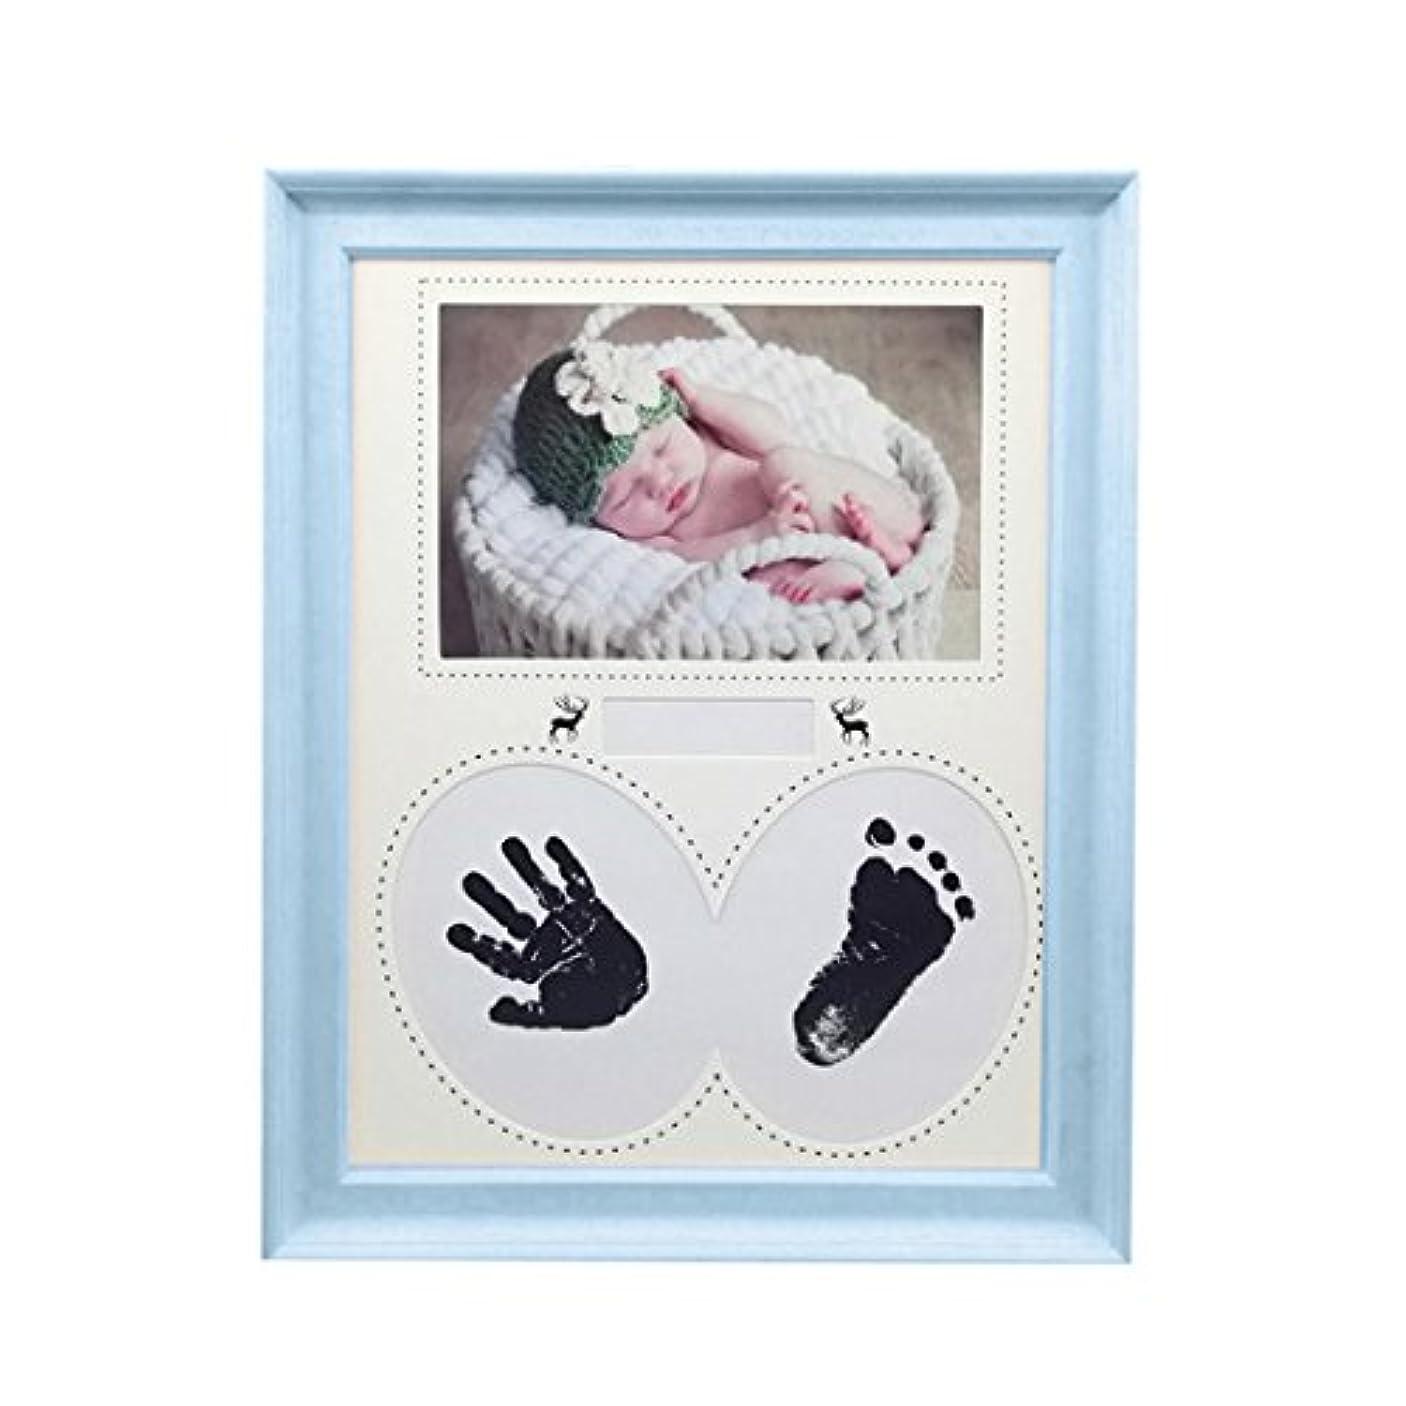 翻訳する在庫幻影Yuena Care フォトフレーム ベビー 手形 足形 ベビーフレーム 赤ちゃん 手足型 写真立て 無毒で安全 手足を汚さない 名入れ 出産祝い 置き掛け兼用